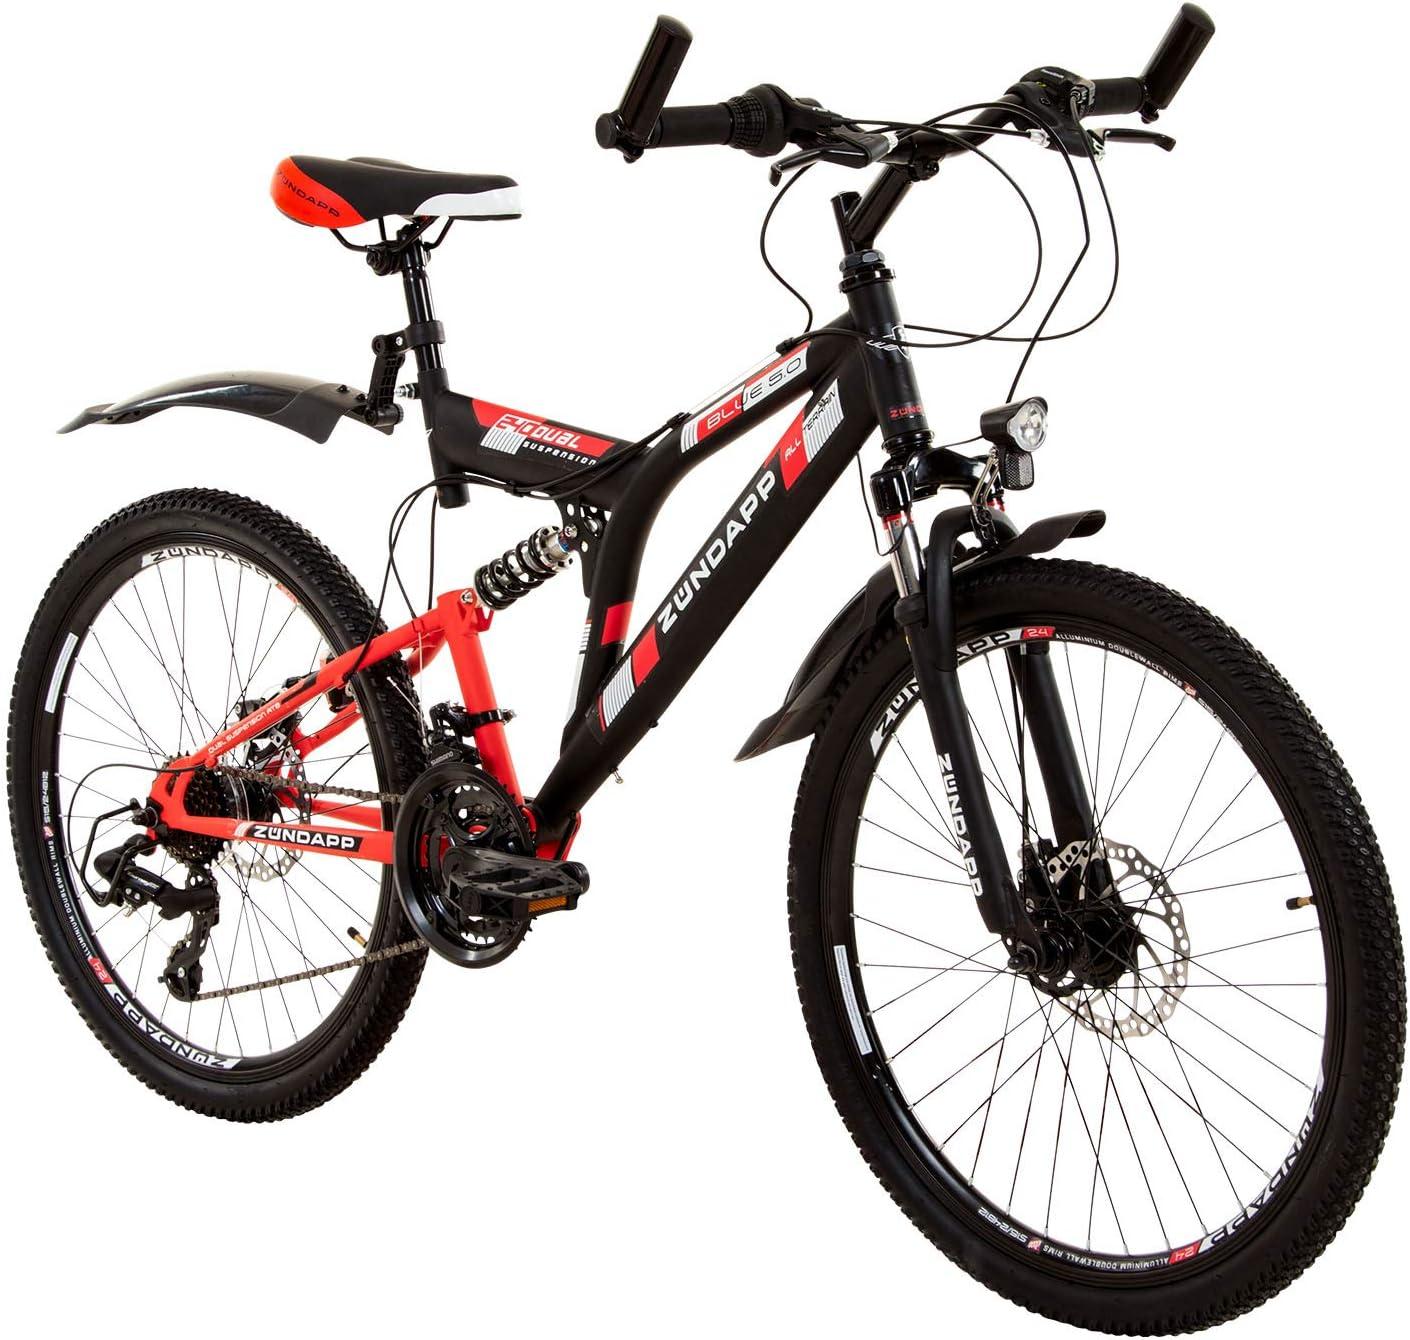 Zundapp Mountainbike Fully 24 Zoll Full Suspension Mtb Fahrrad